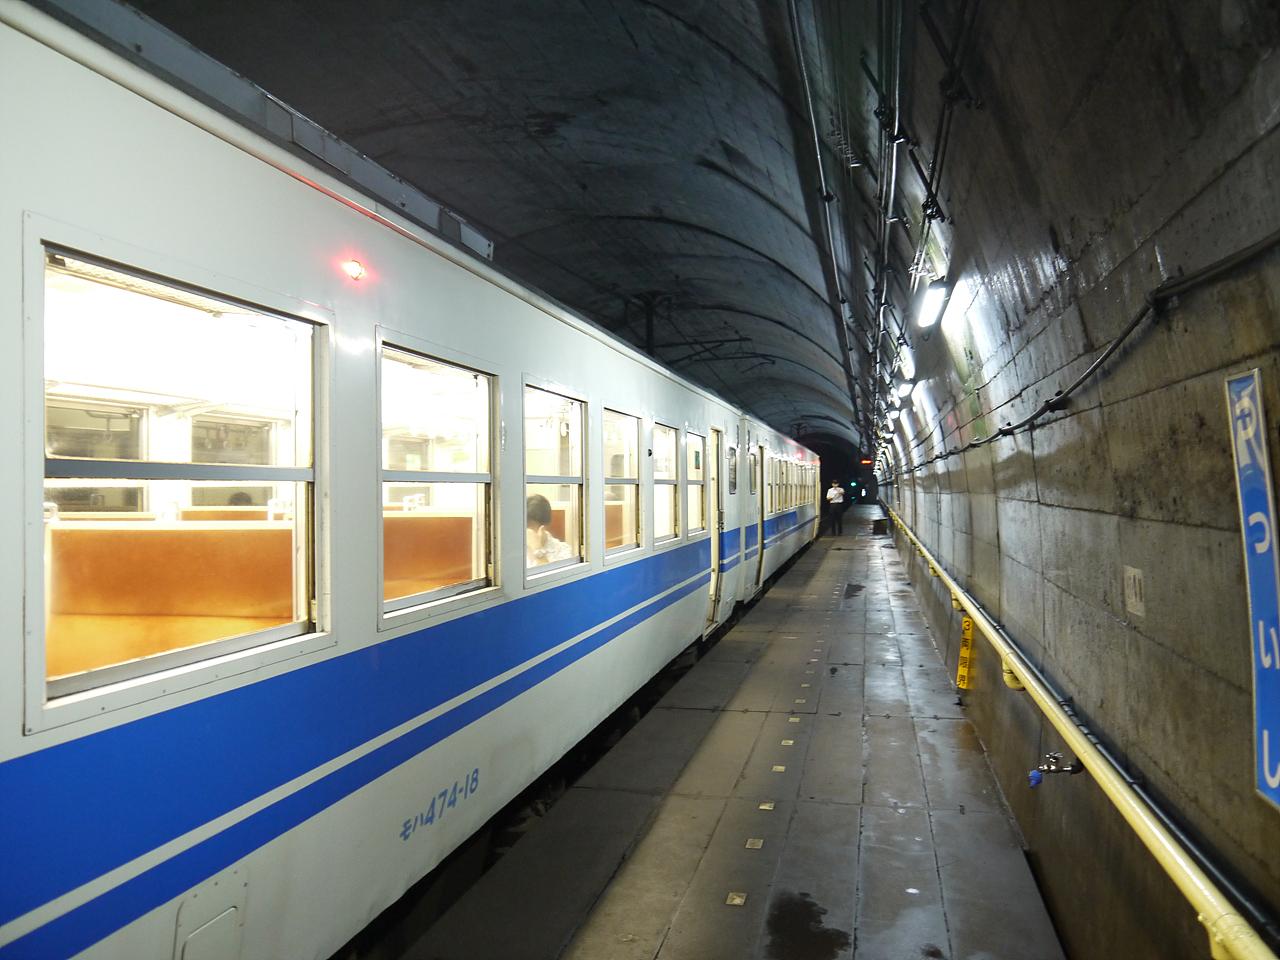 쓰쓰이시 역 열차가 출발 준비 중인  쓰쓰이시 역